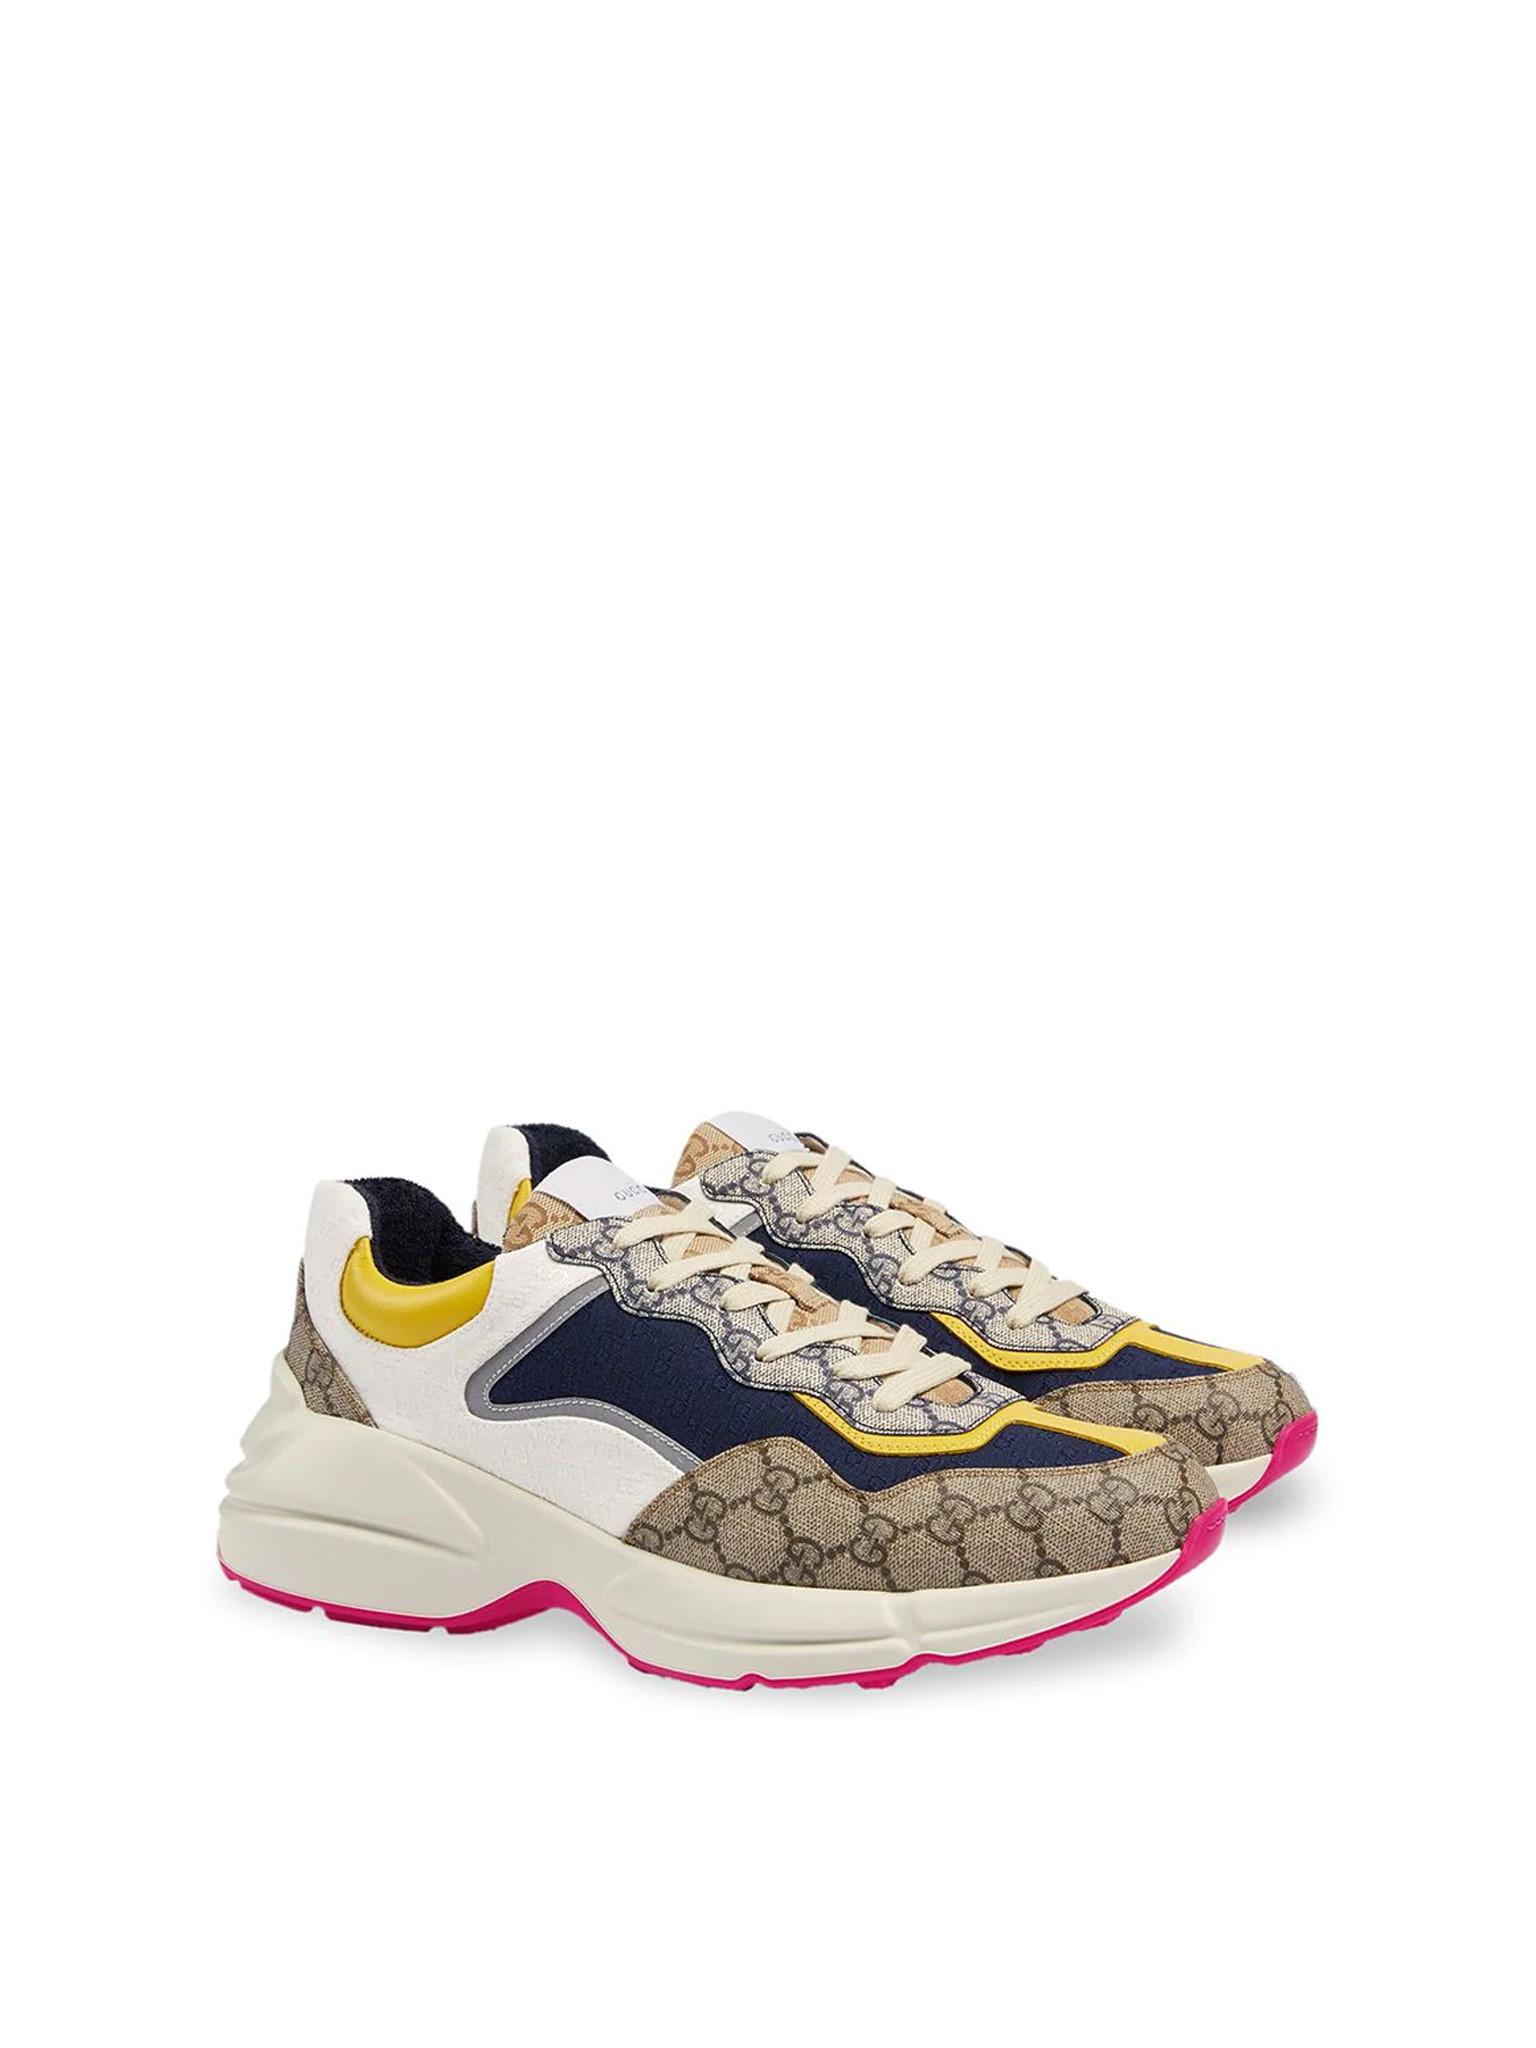 GG Supreme Rhyton Sneakers